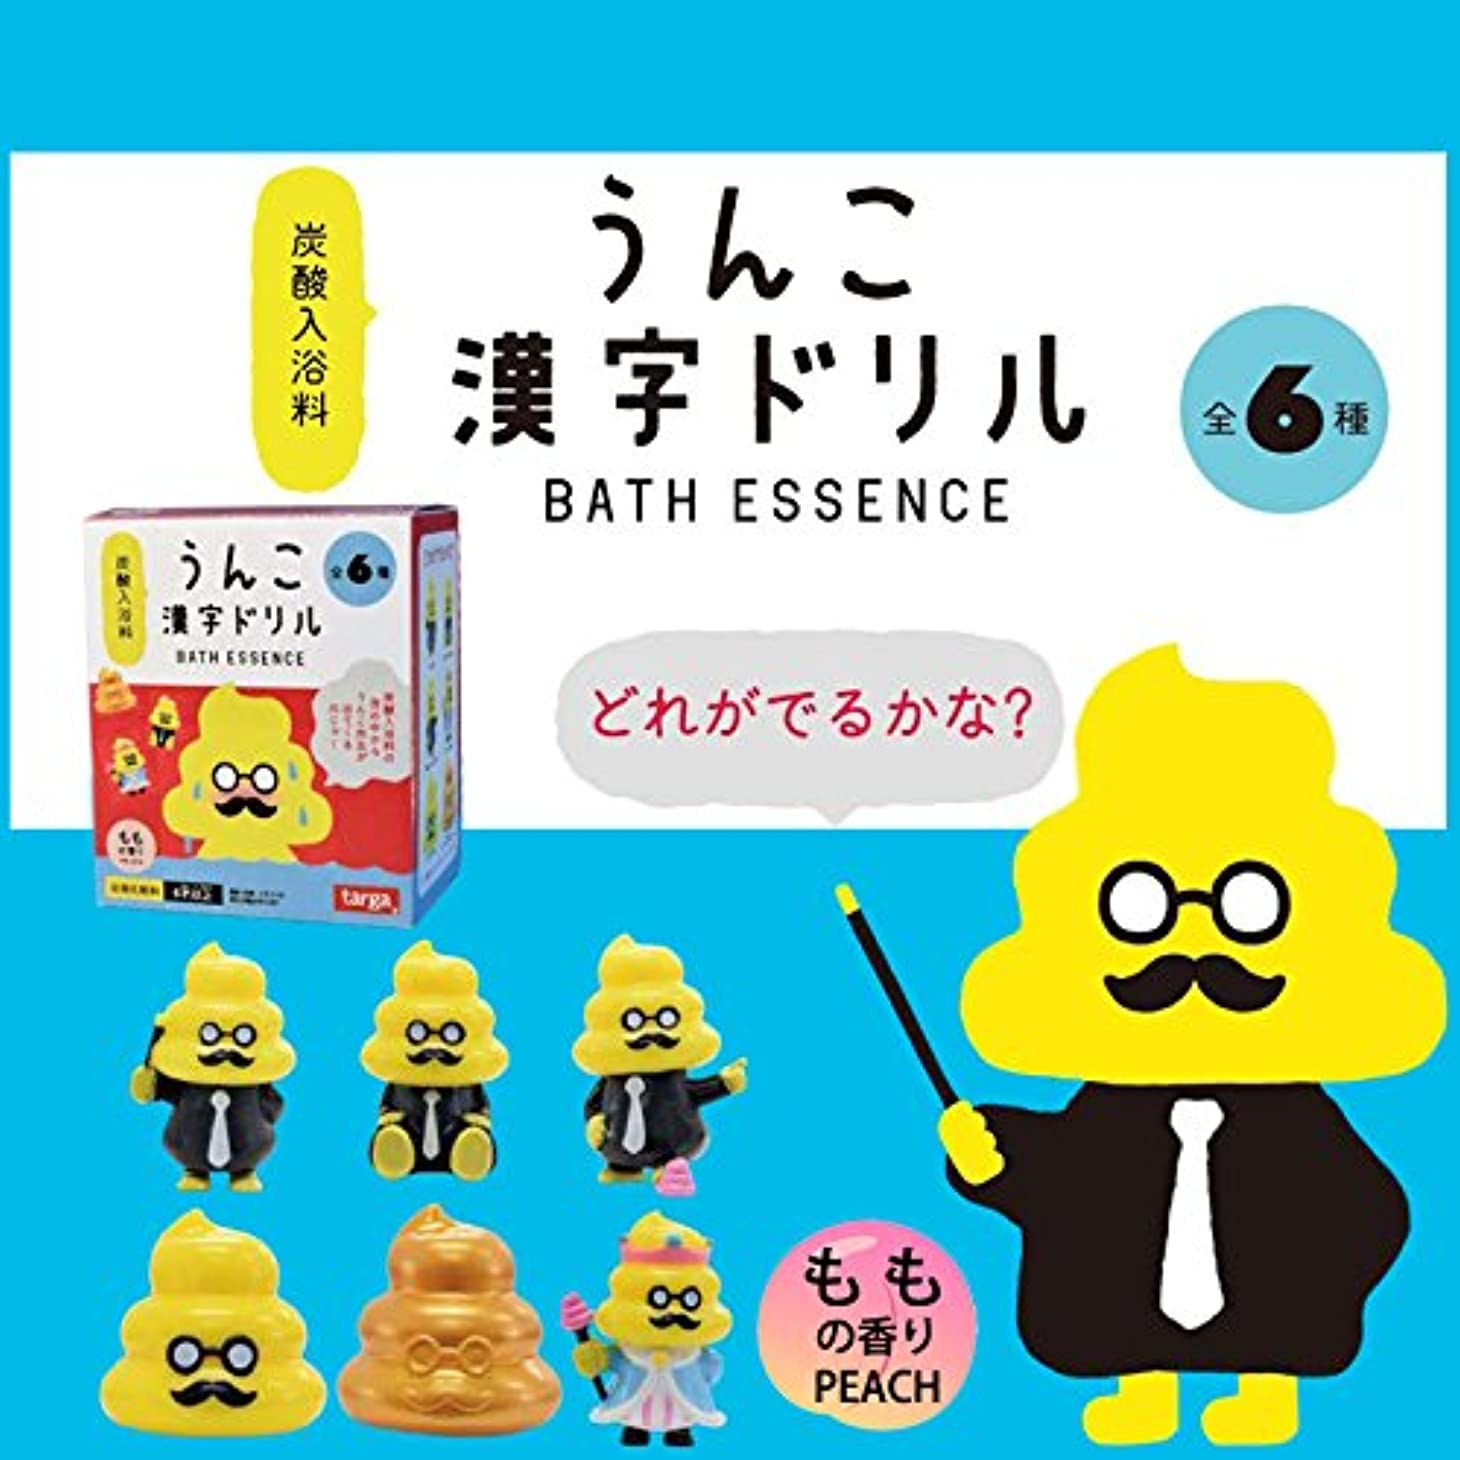 信じる顕著名詞うんこ漢字ドリル 炭酸入浴料 6個1セット 入浴剤